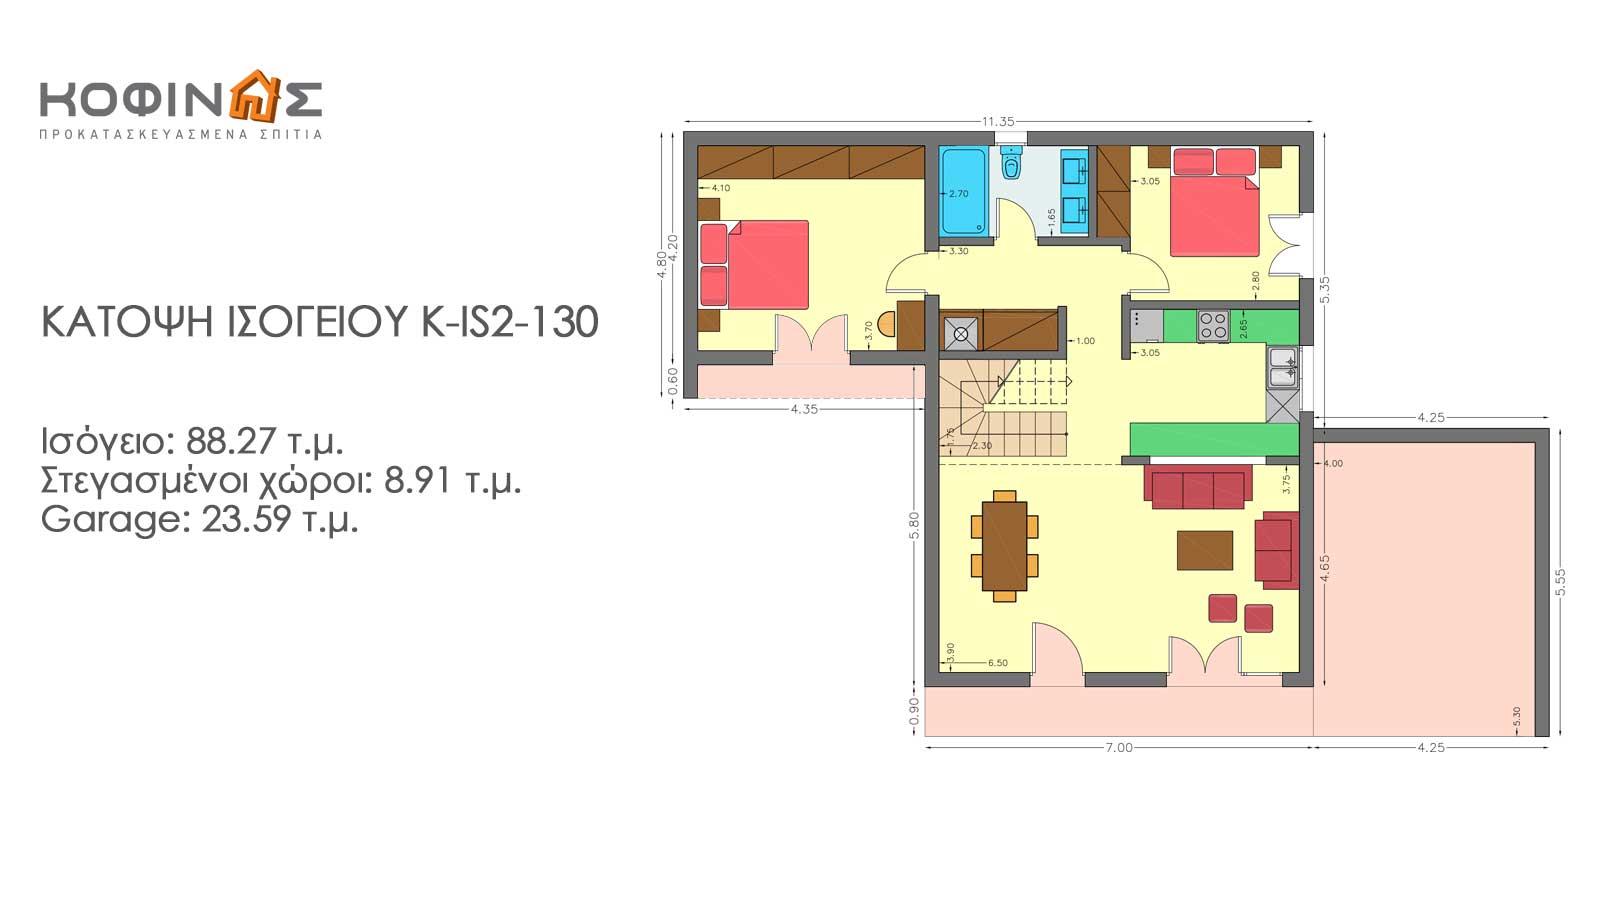 Ισόγεια Κατοικία με Σοφίτα KIS2-130, συνολικής επιφάνειας 130,27 τ.μ.